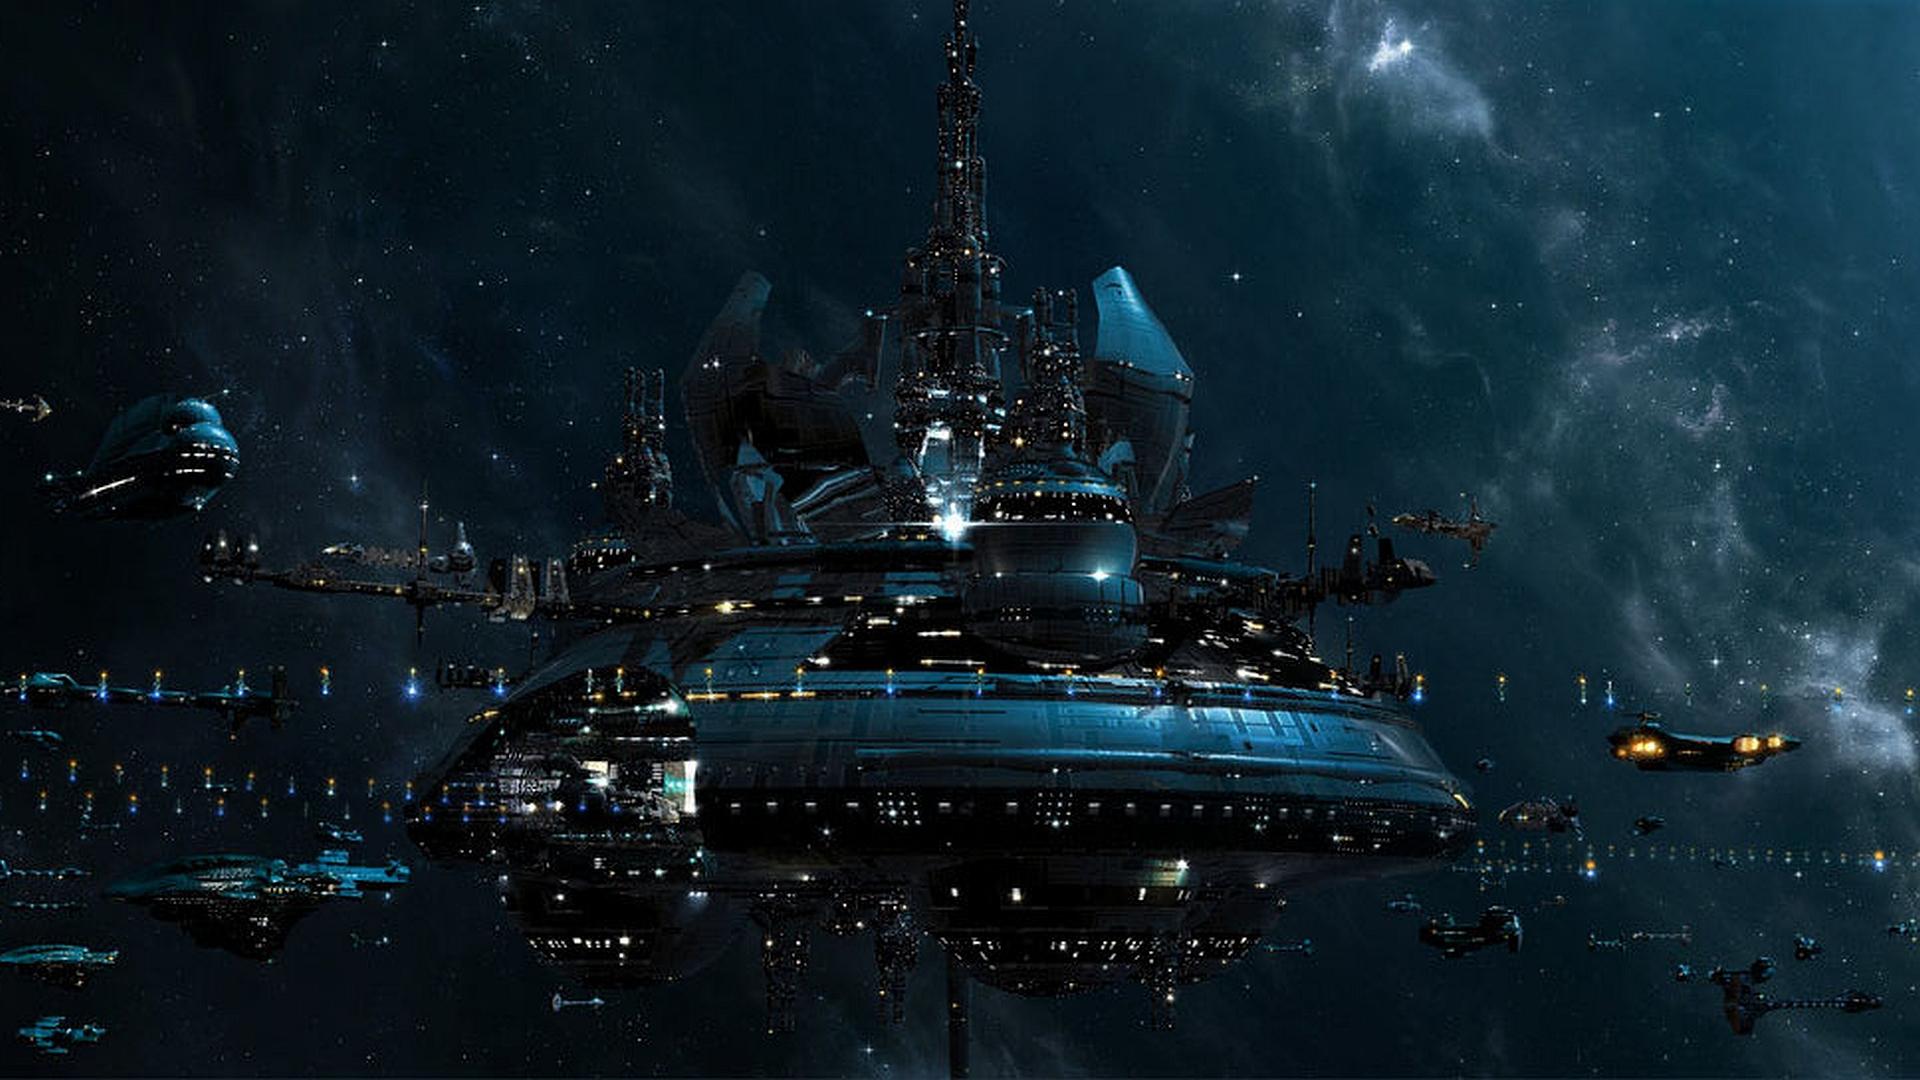 Обои космос планета корабль картинки на рабочий стол на тему Космос - скачать  № 3125456 без смс